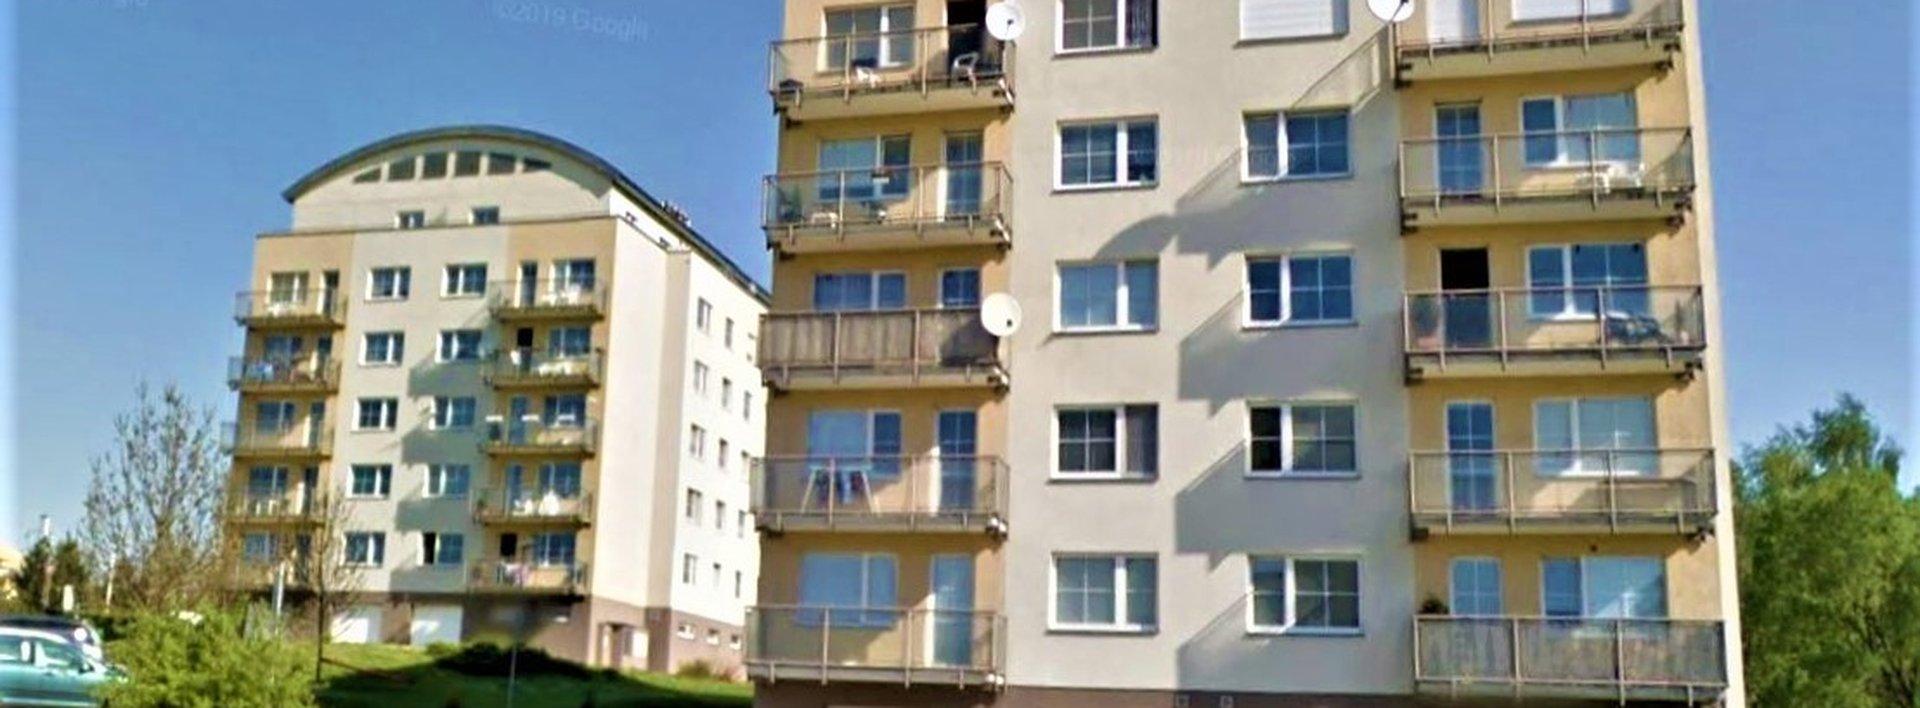 Pronájem bytu 1+1 v novostavbě, ul. Pastelová, Liberec - Rochlice, Ev.č.: N48990